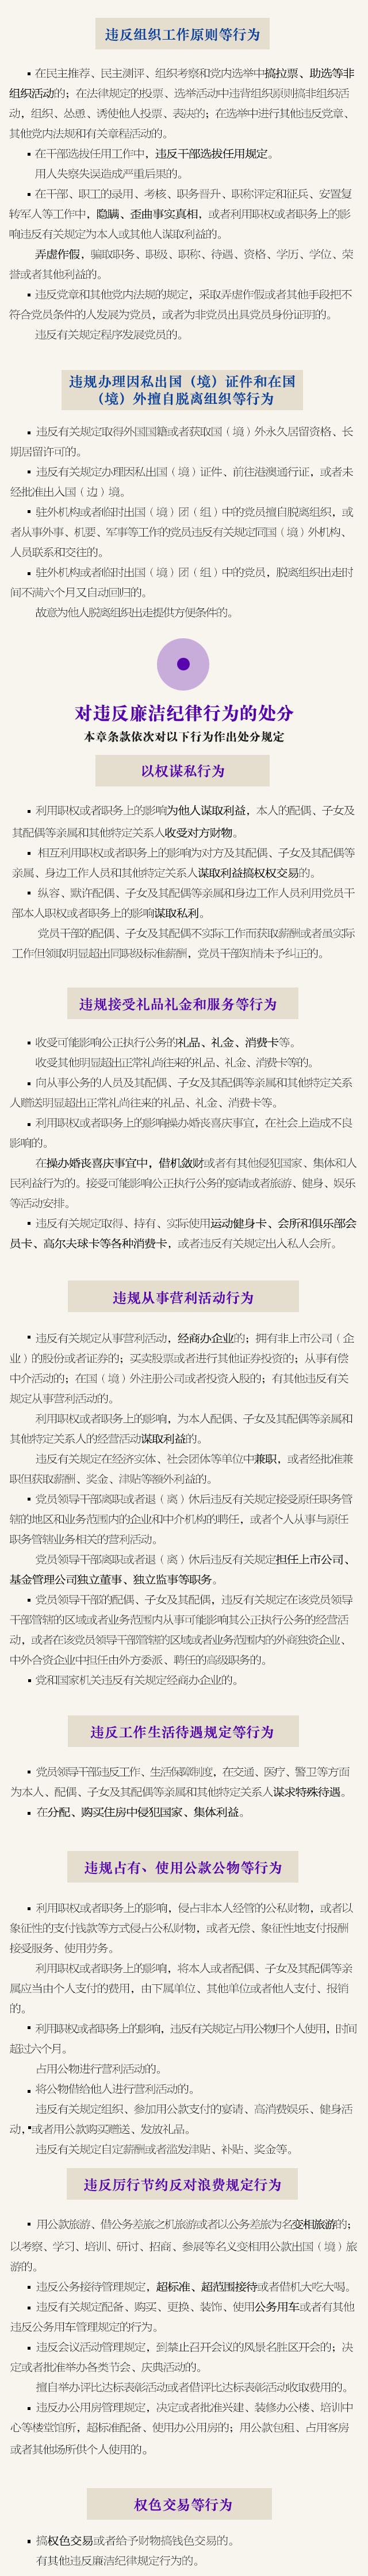 一图读懂《中国共产党纪律处分条例》-中央纪委网站 - 好心情 - 好心情的博客